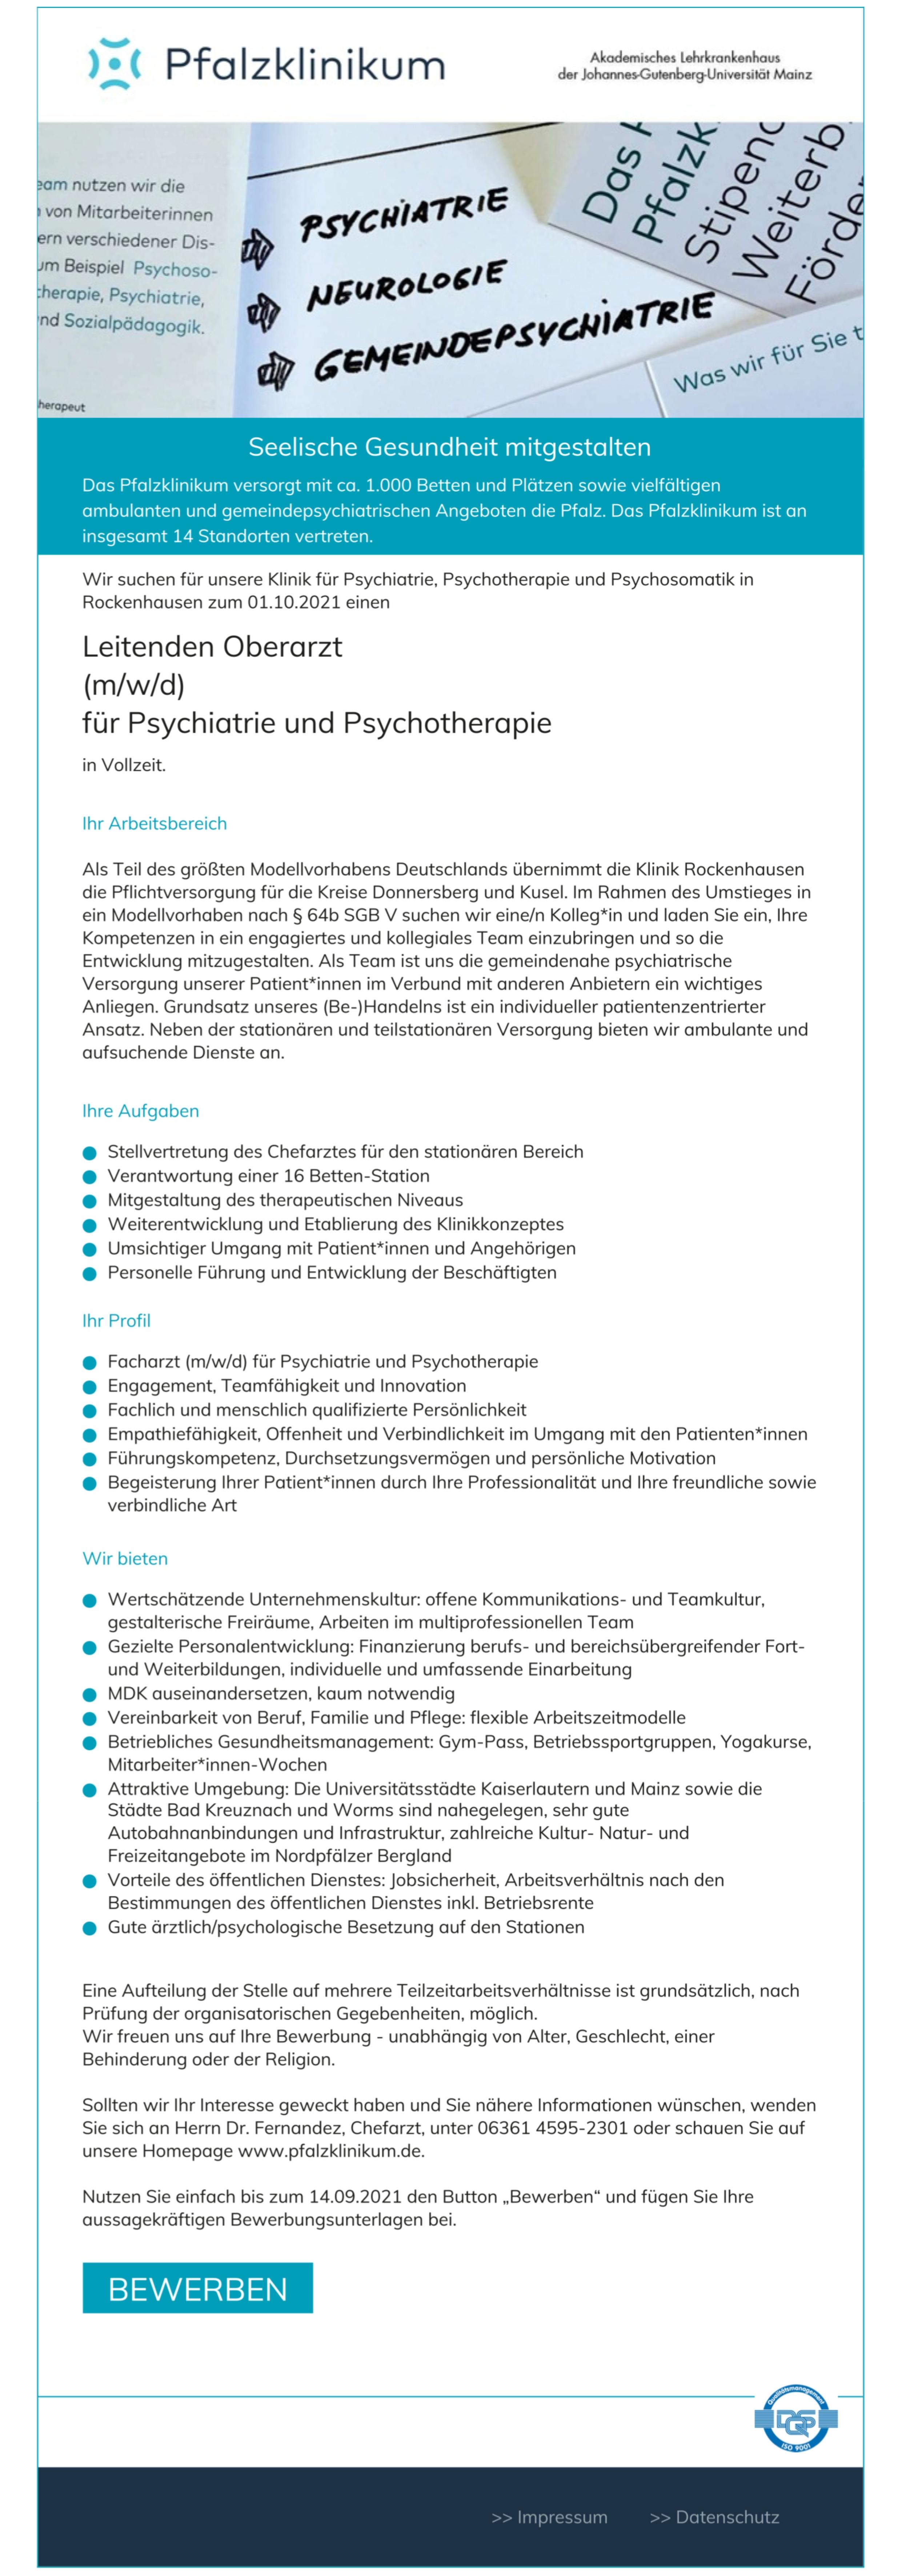 Leitender Oberarzt (m/w/d) für Psychiatrie und Psychotherapie